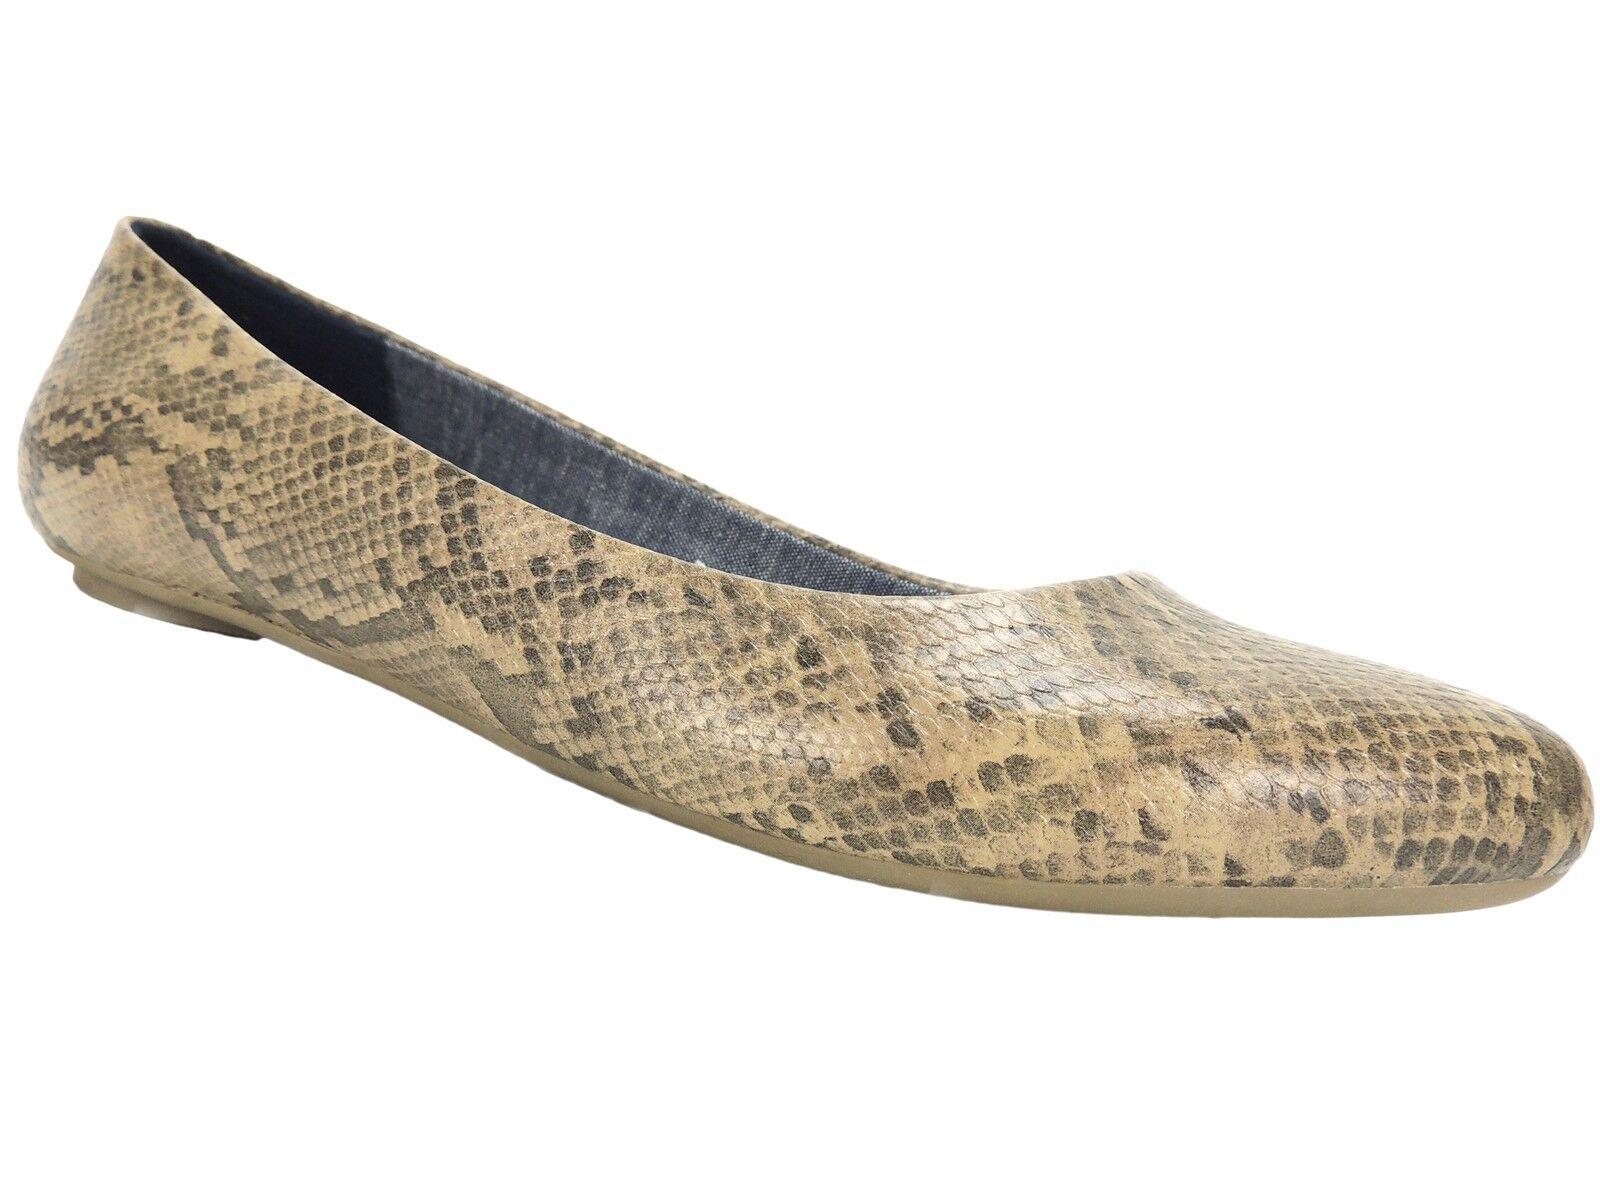 per poco costoso Dr. Scholl's Donna Donna Donna Really Flats Stucco Snake Dark Beige Marronee Dimensione 7 M  negozio fa acquisti e vendite